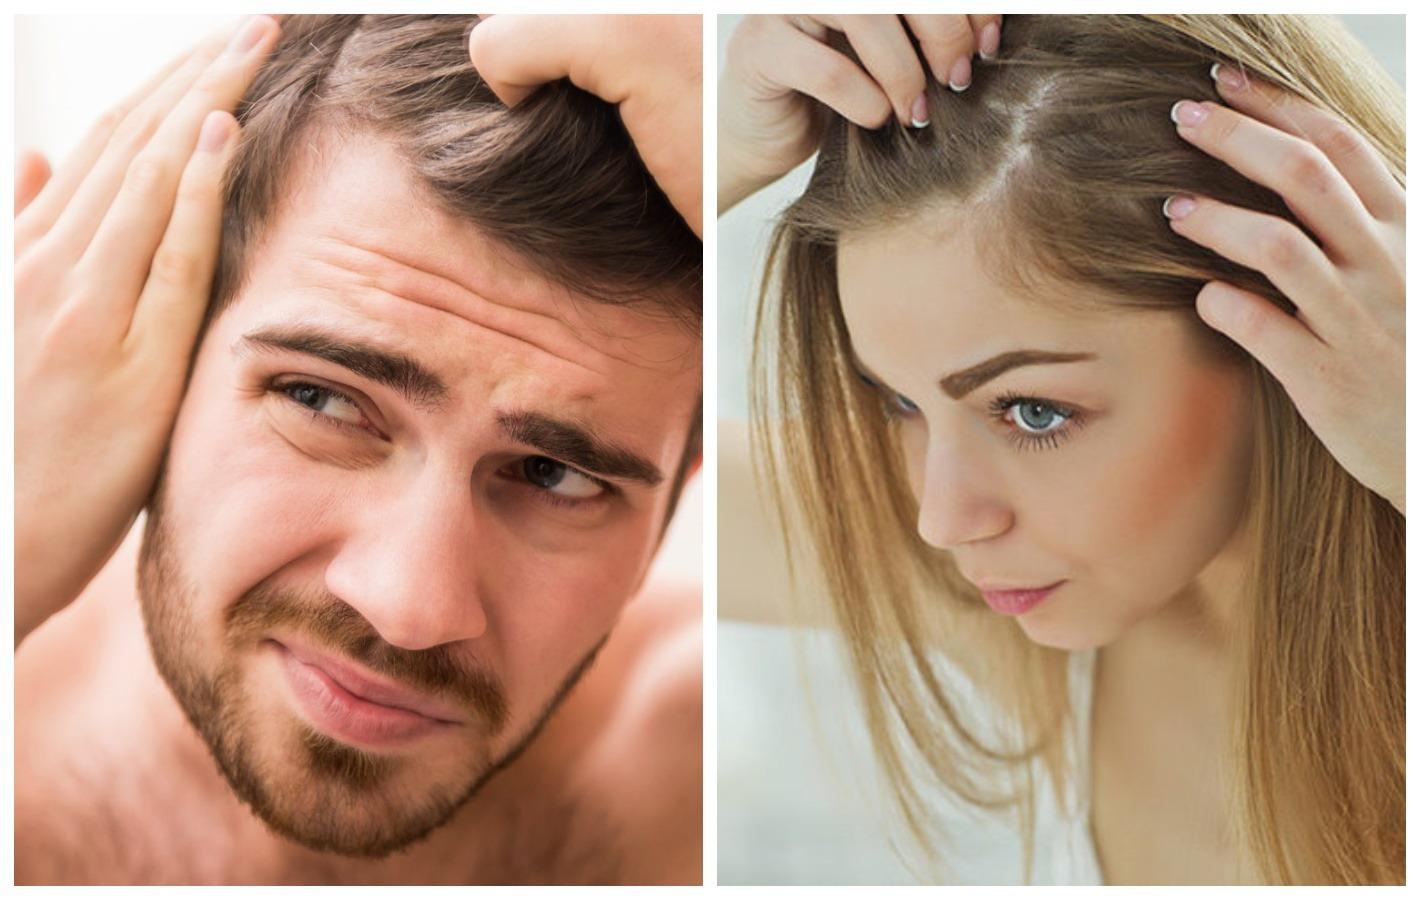 Переболевшие COVID-19 пациенты могут лишиться волос